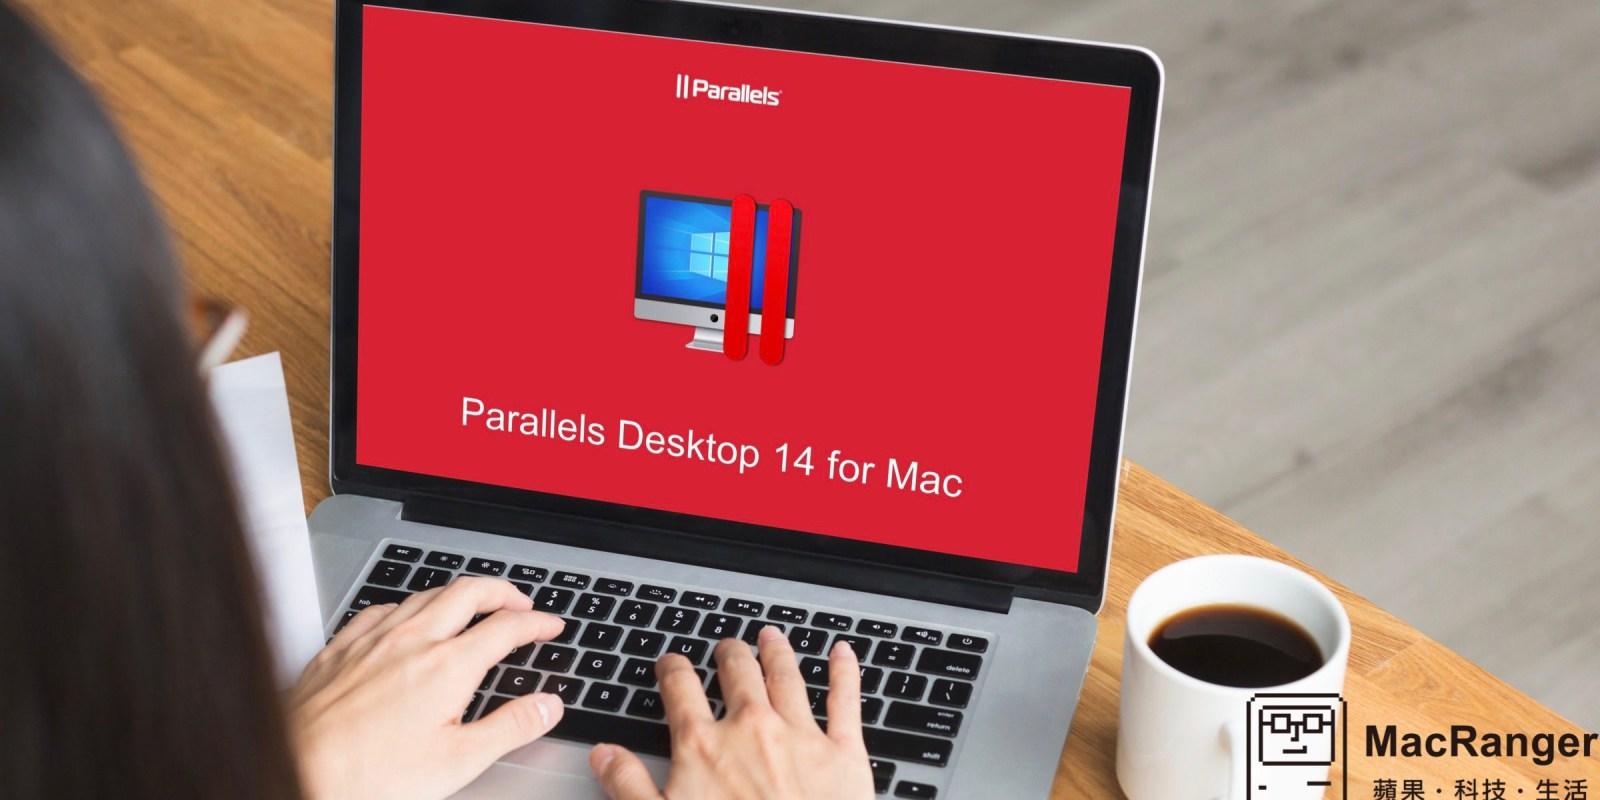 免費將 Parallels Desktop 13 升級到 Parallels Desktop 14